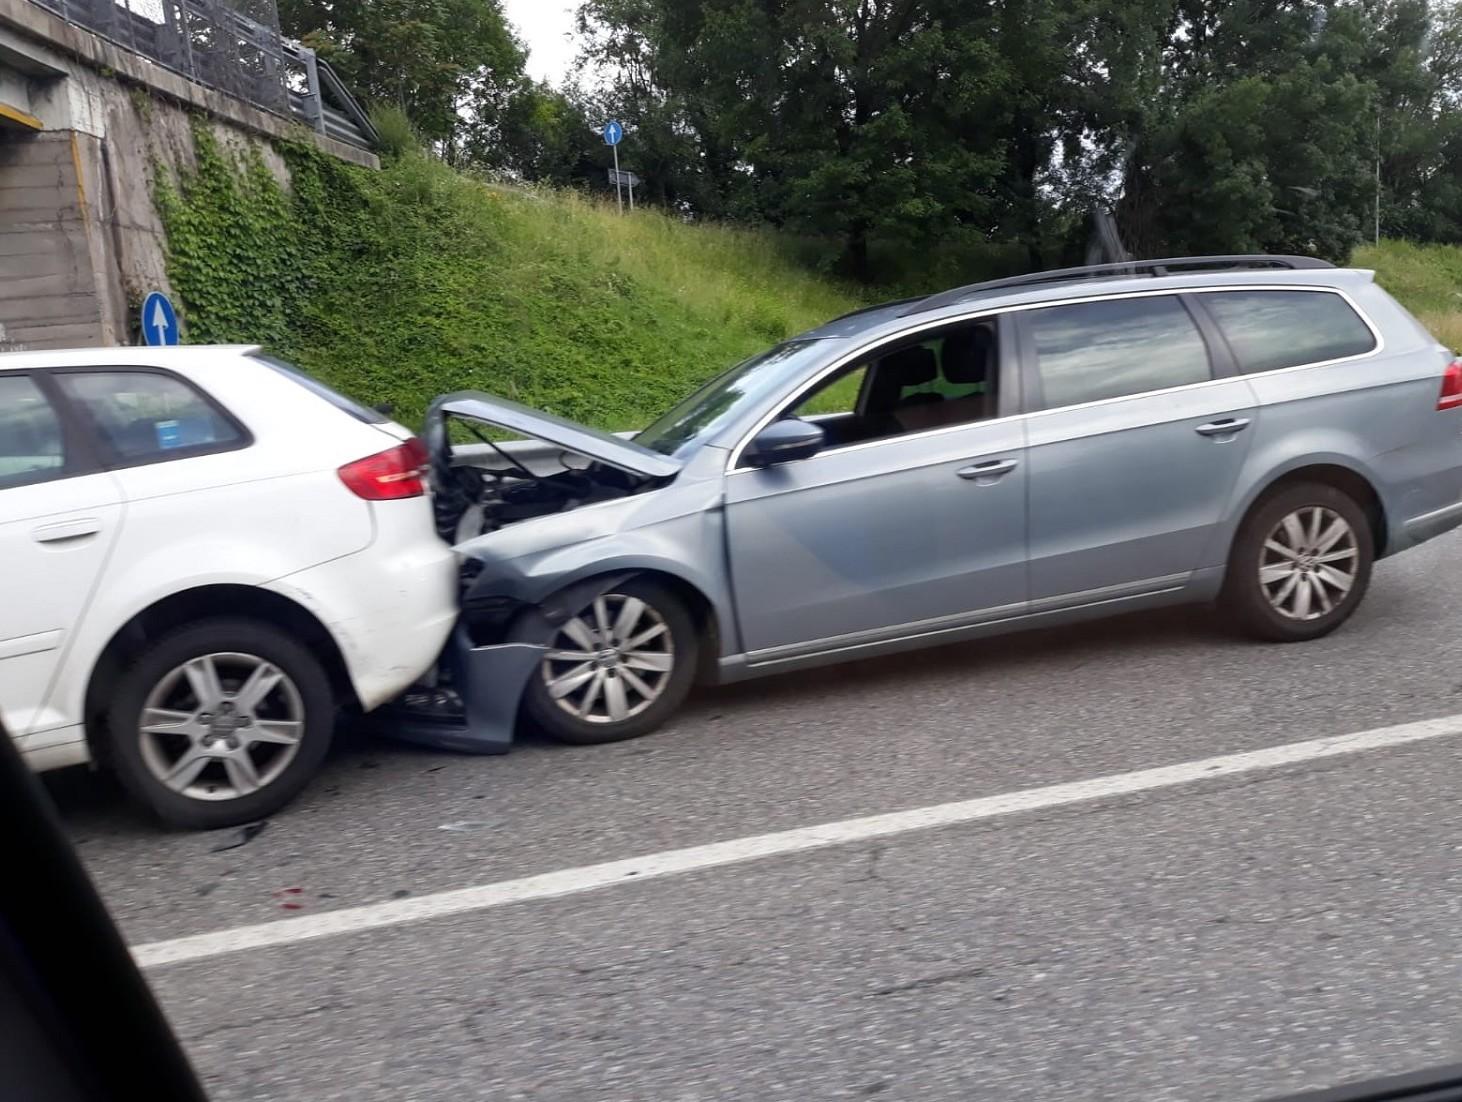 Incidente stradale, il passeggero dell'auto può testimoniare o no. Quando e come